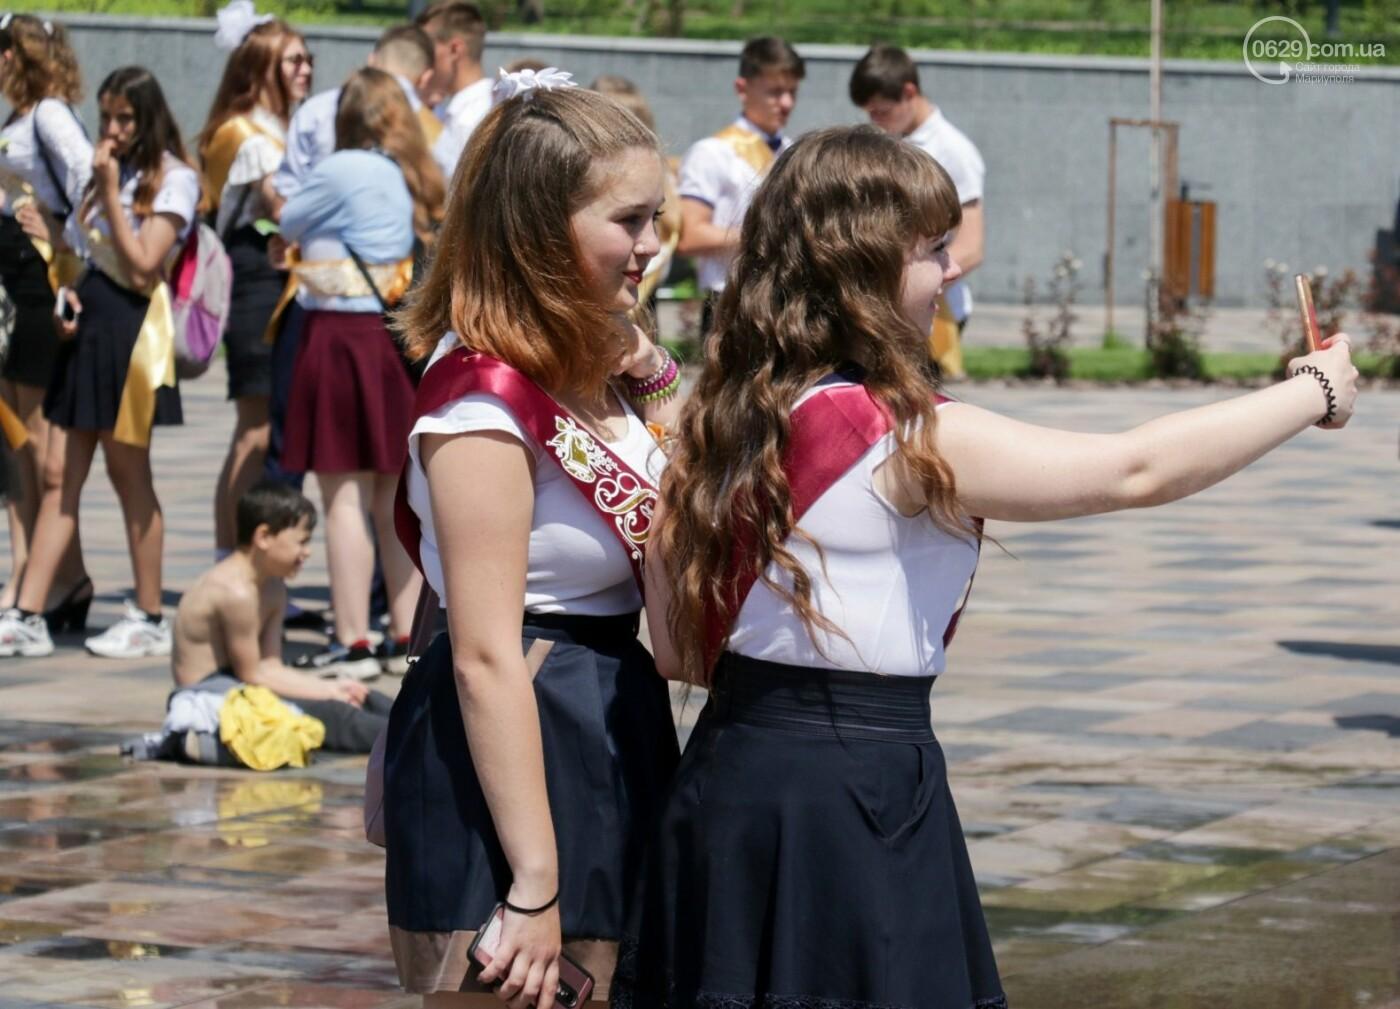 Как мариупольские школьники у десантников фонтаны отбирали, - ФОТОРЕПОРТАЖ, фото-2